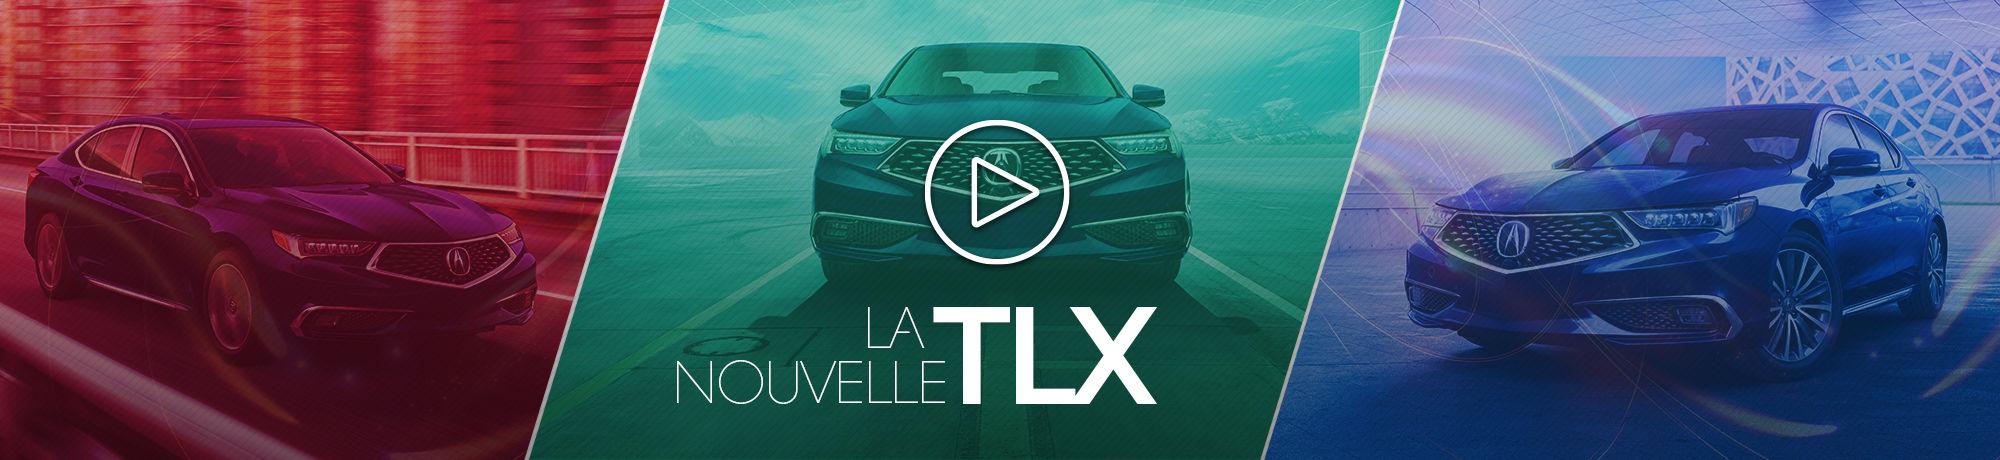 La nouvelle TLX